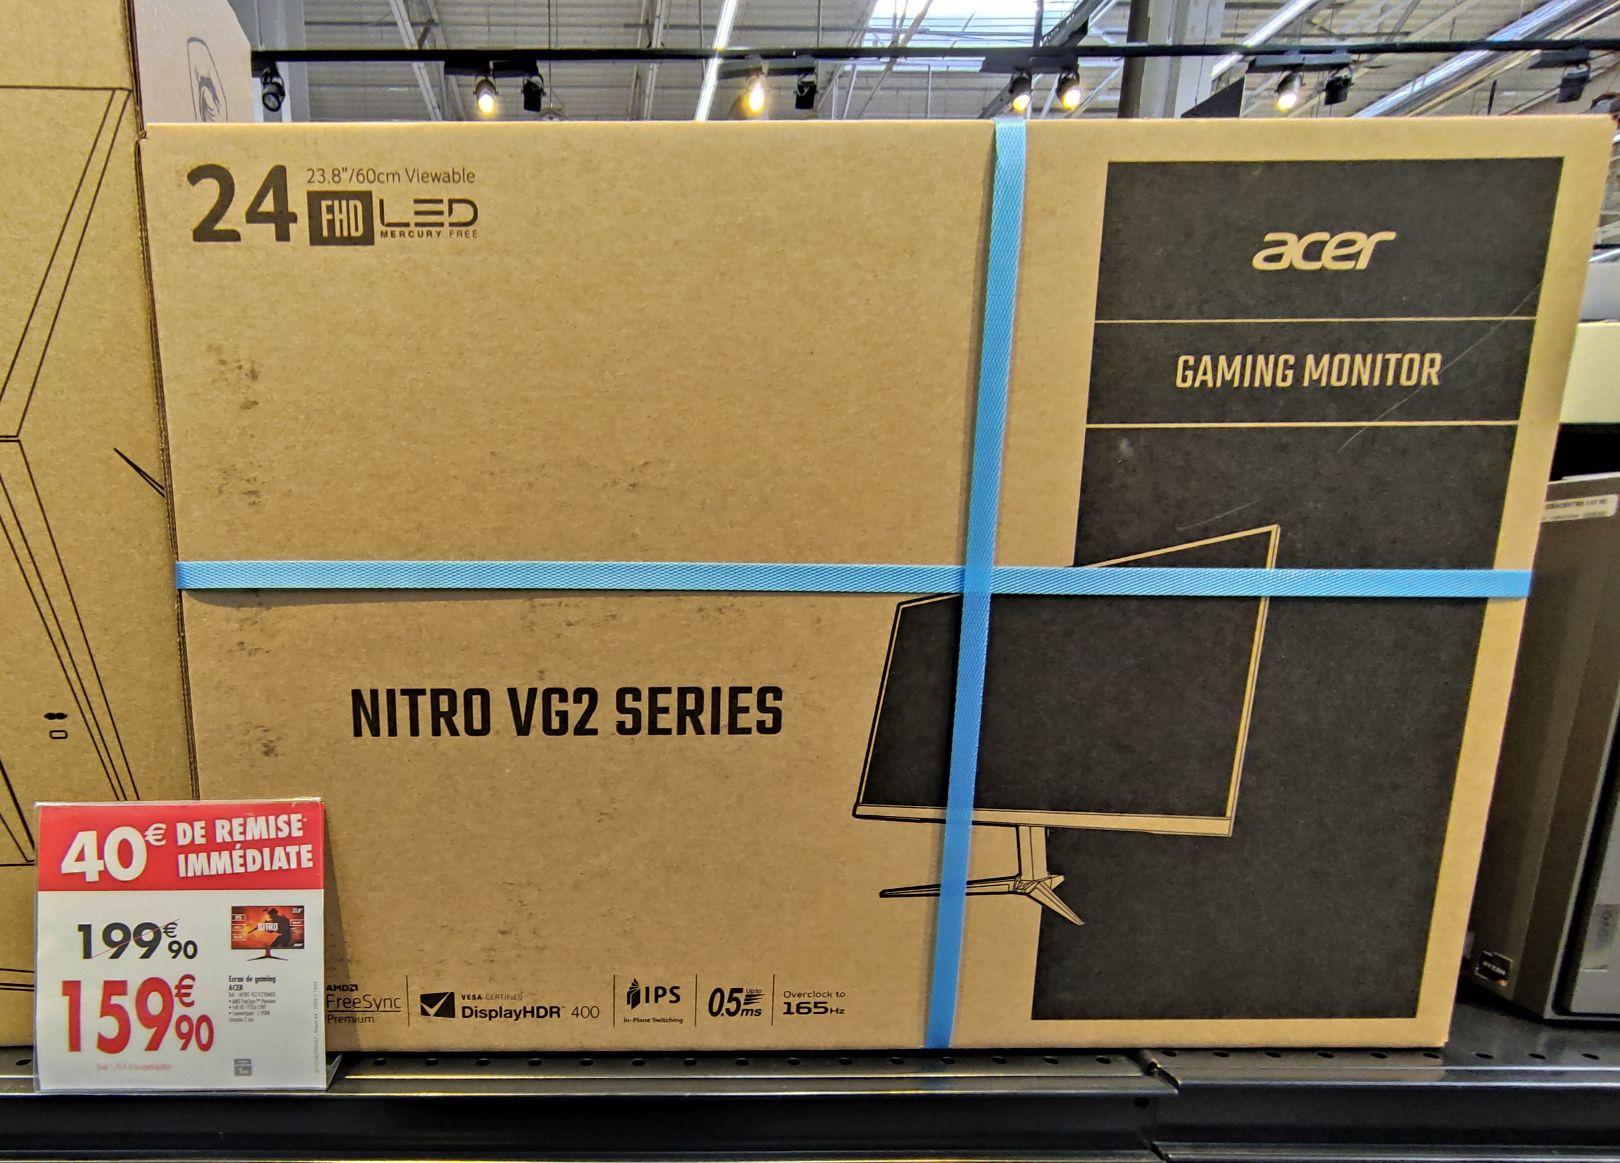 """Écran Acer 23.8"""" - FHD, IPS, 165hz, 0.5ms, FreeSync - Venette (60)"""